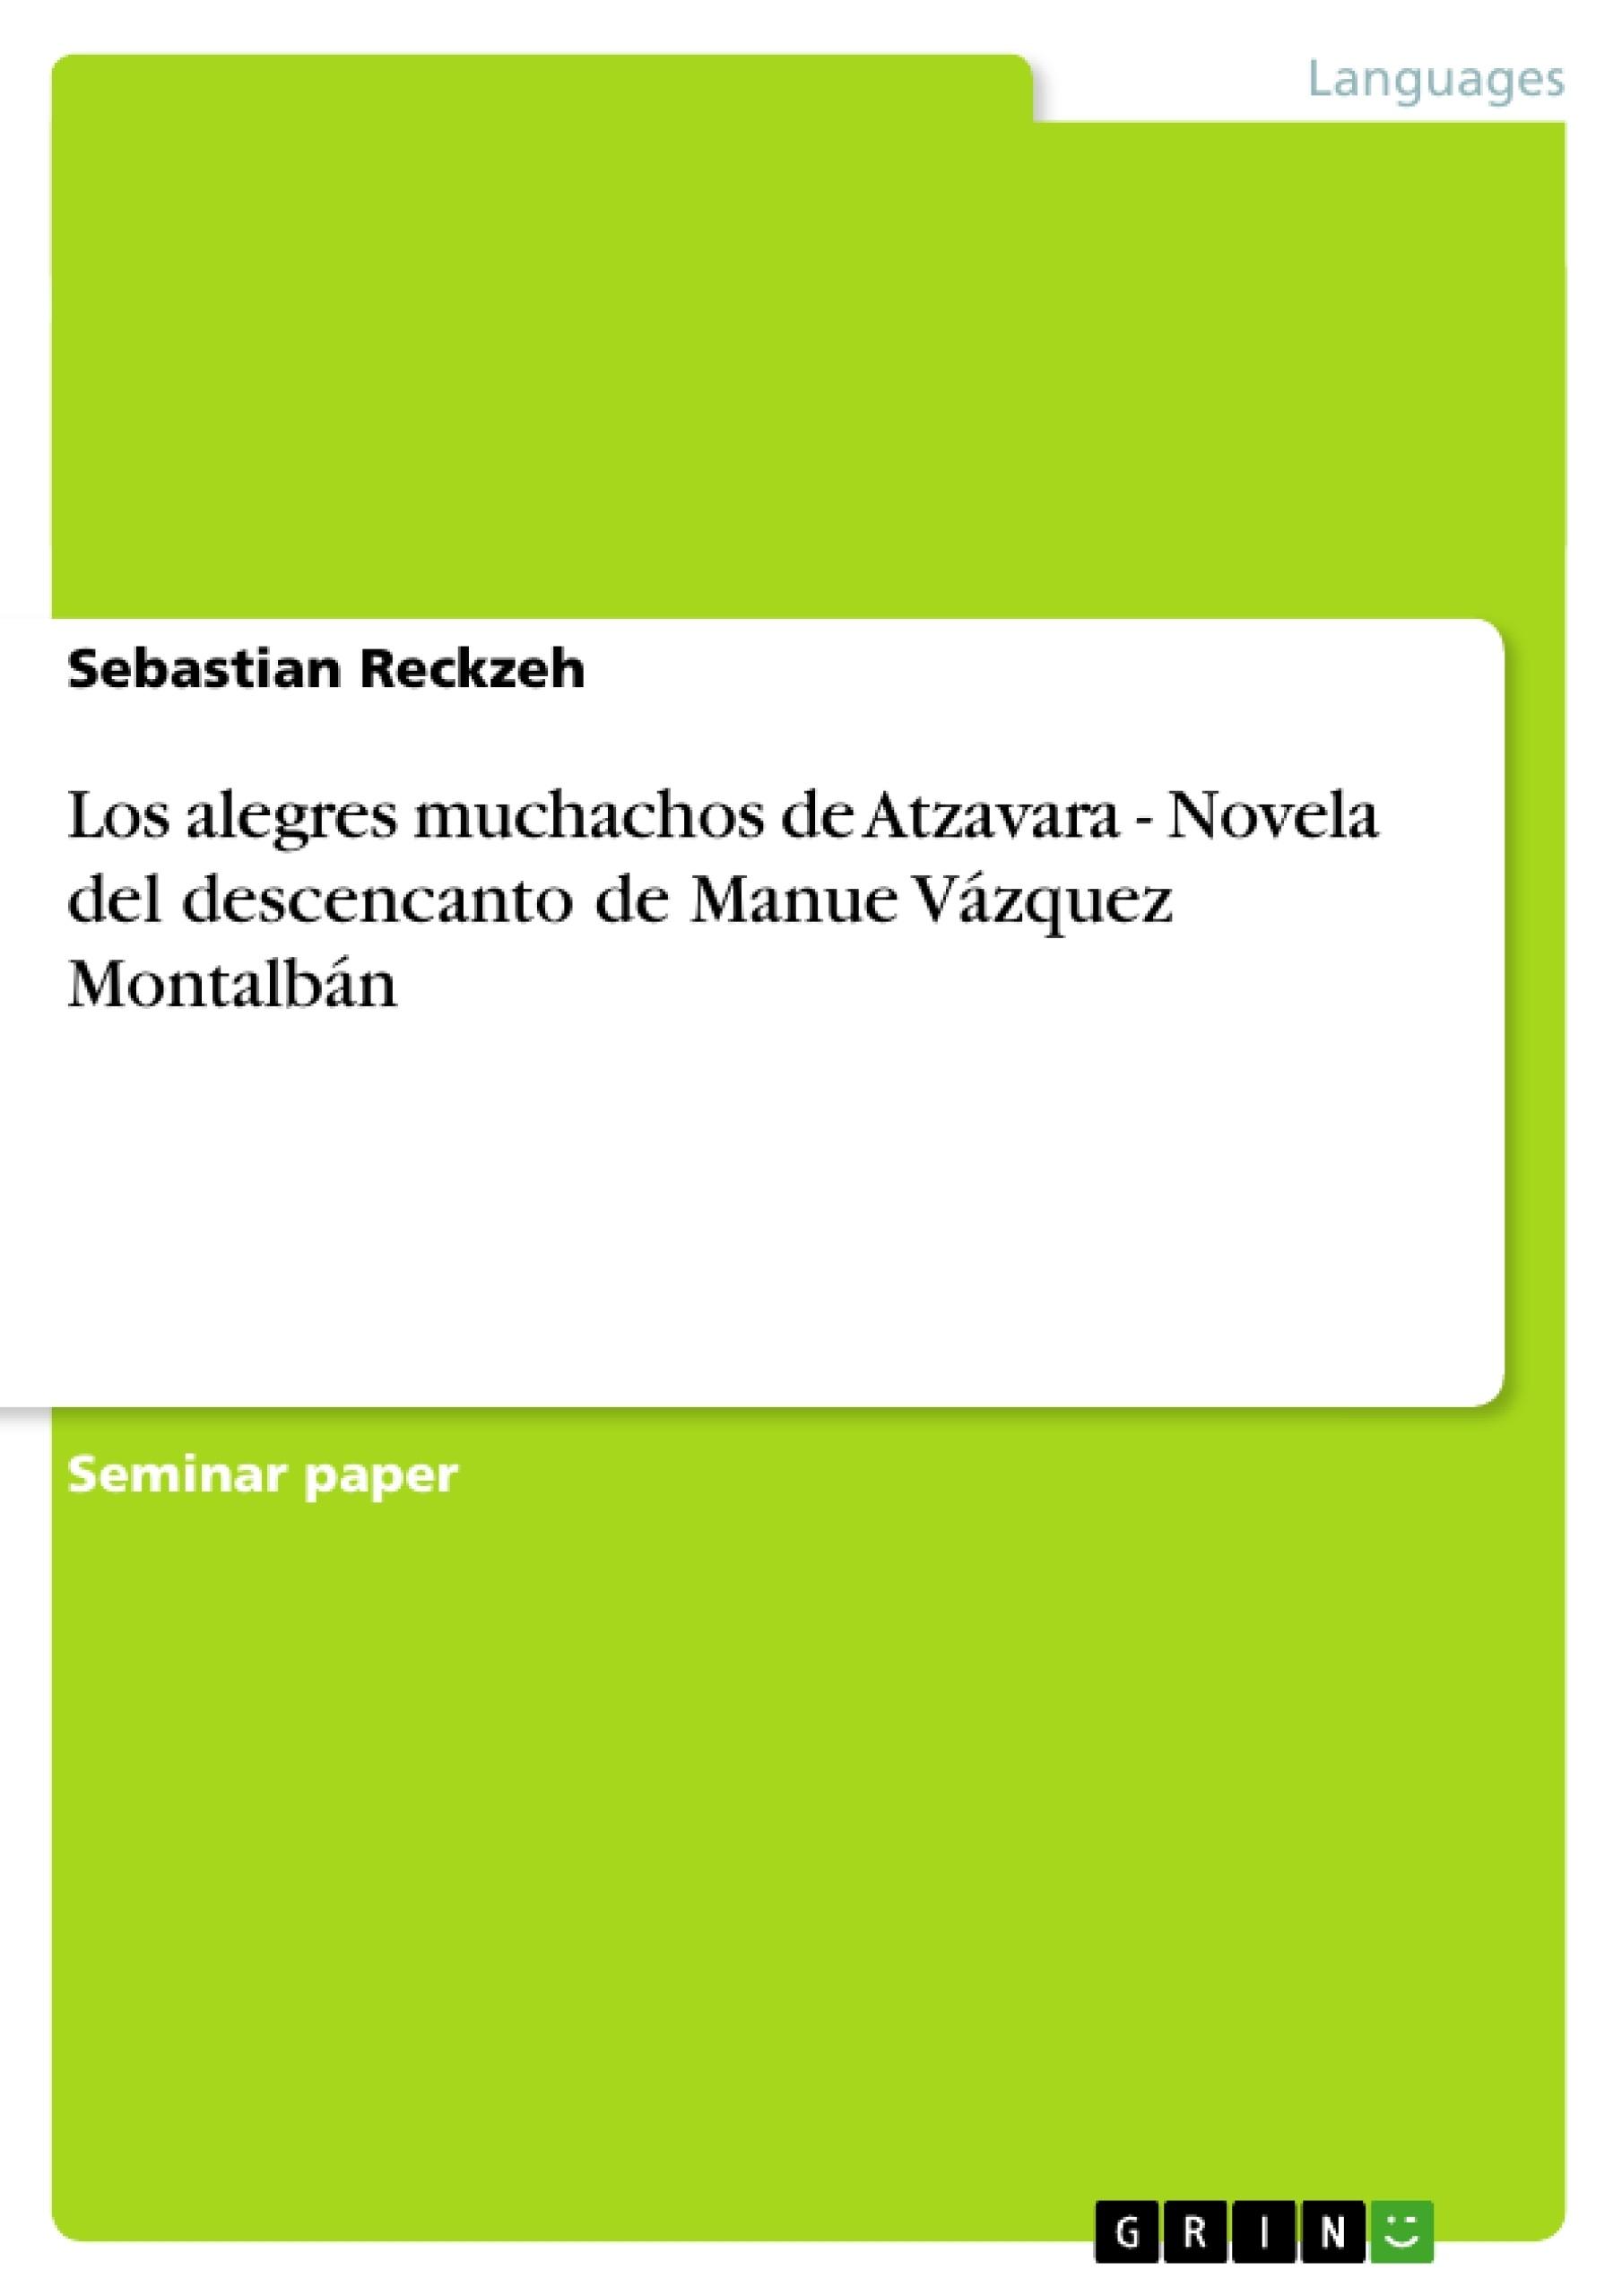 Título: Los alegres muchachos de Atzavara - Novela del descencanto de Manue Vázquez Montalbán